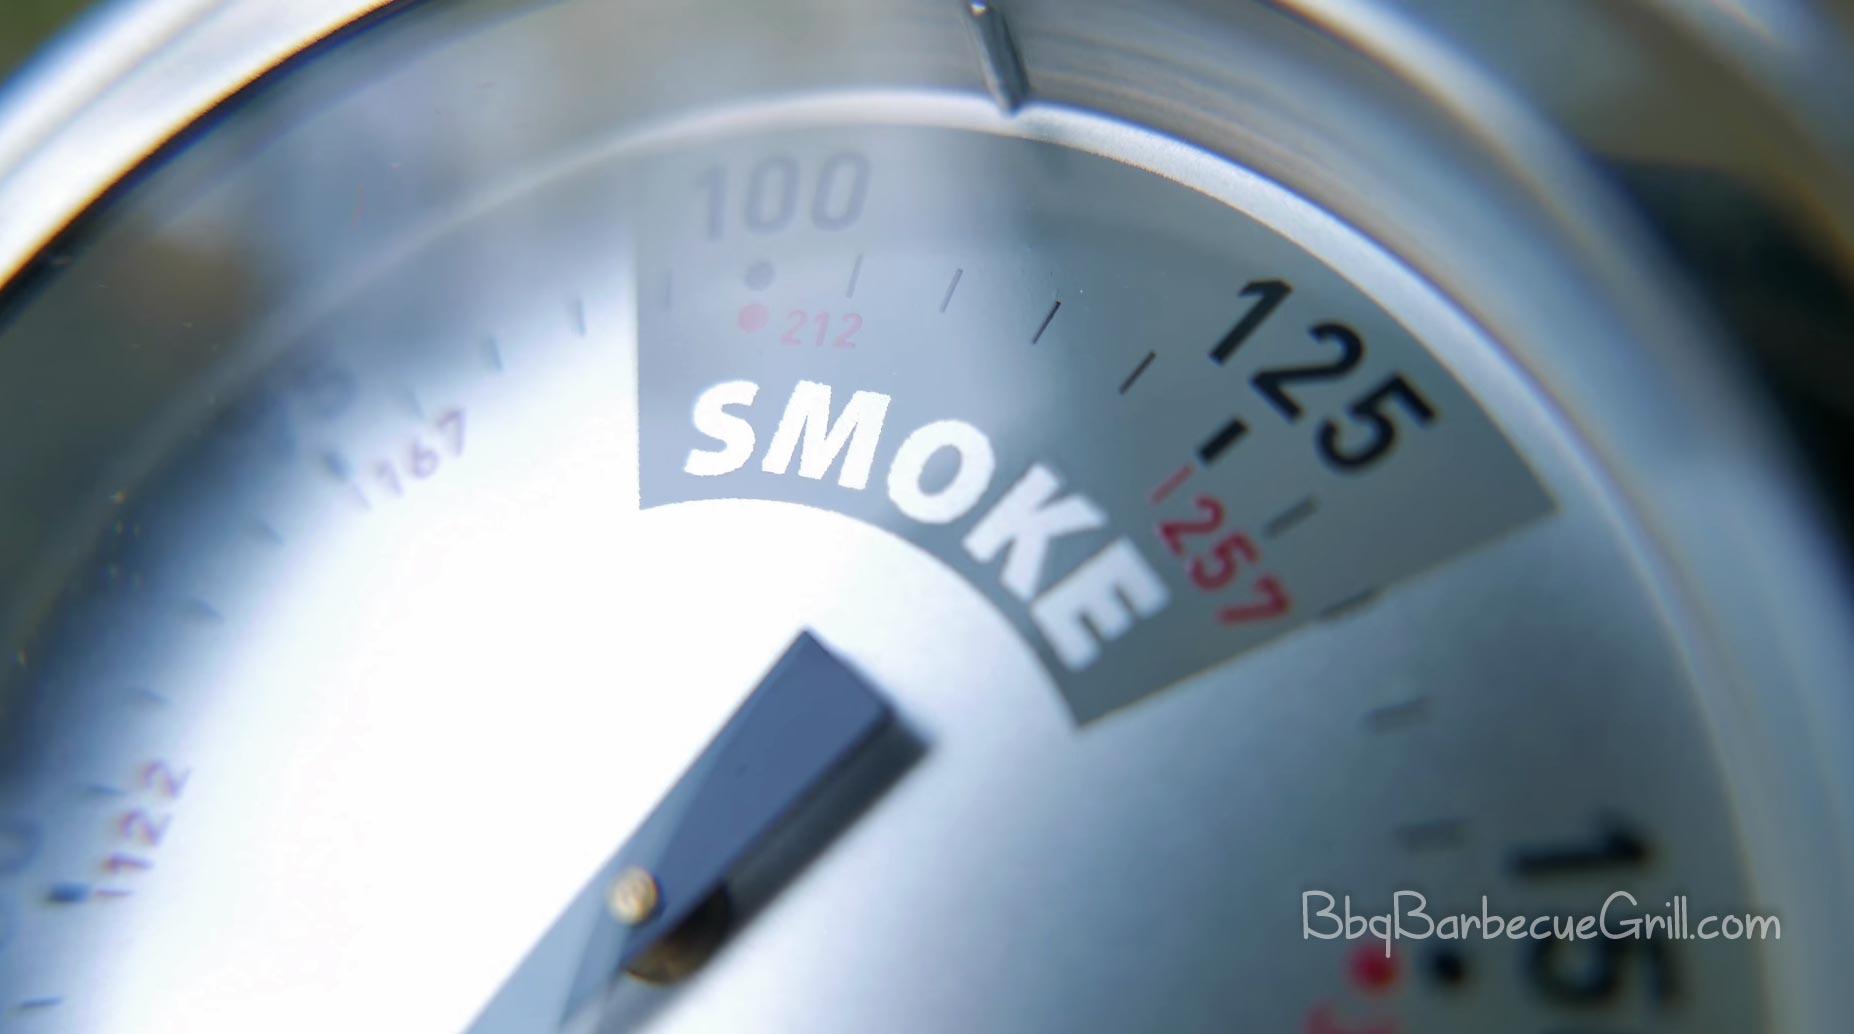 Best weber smoker cookbook